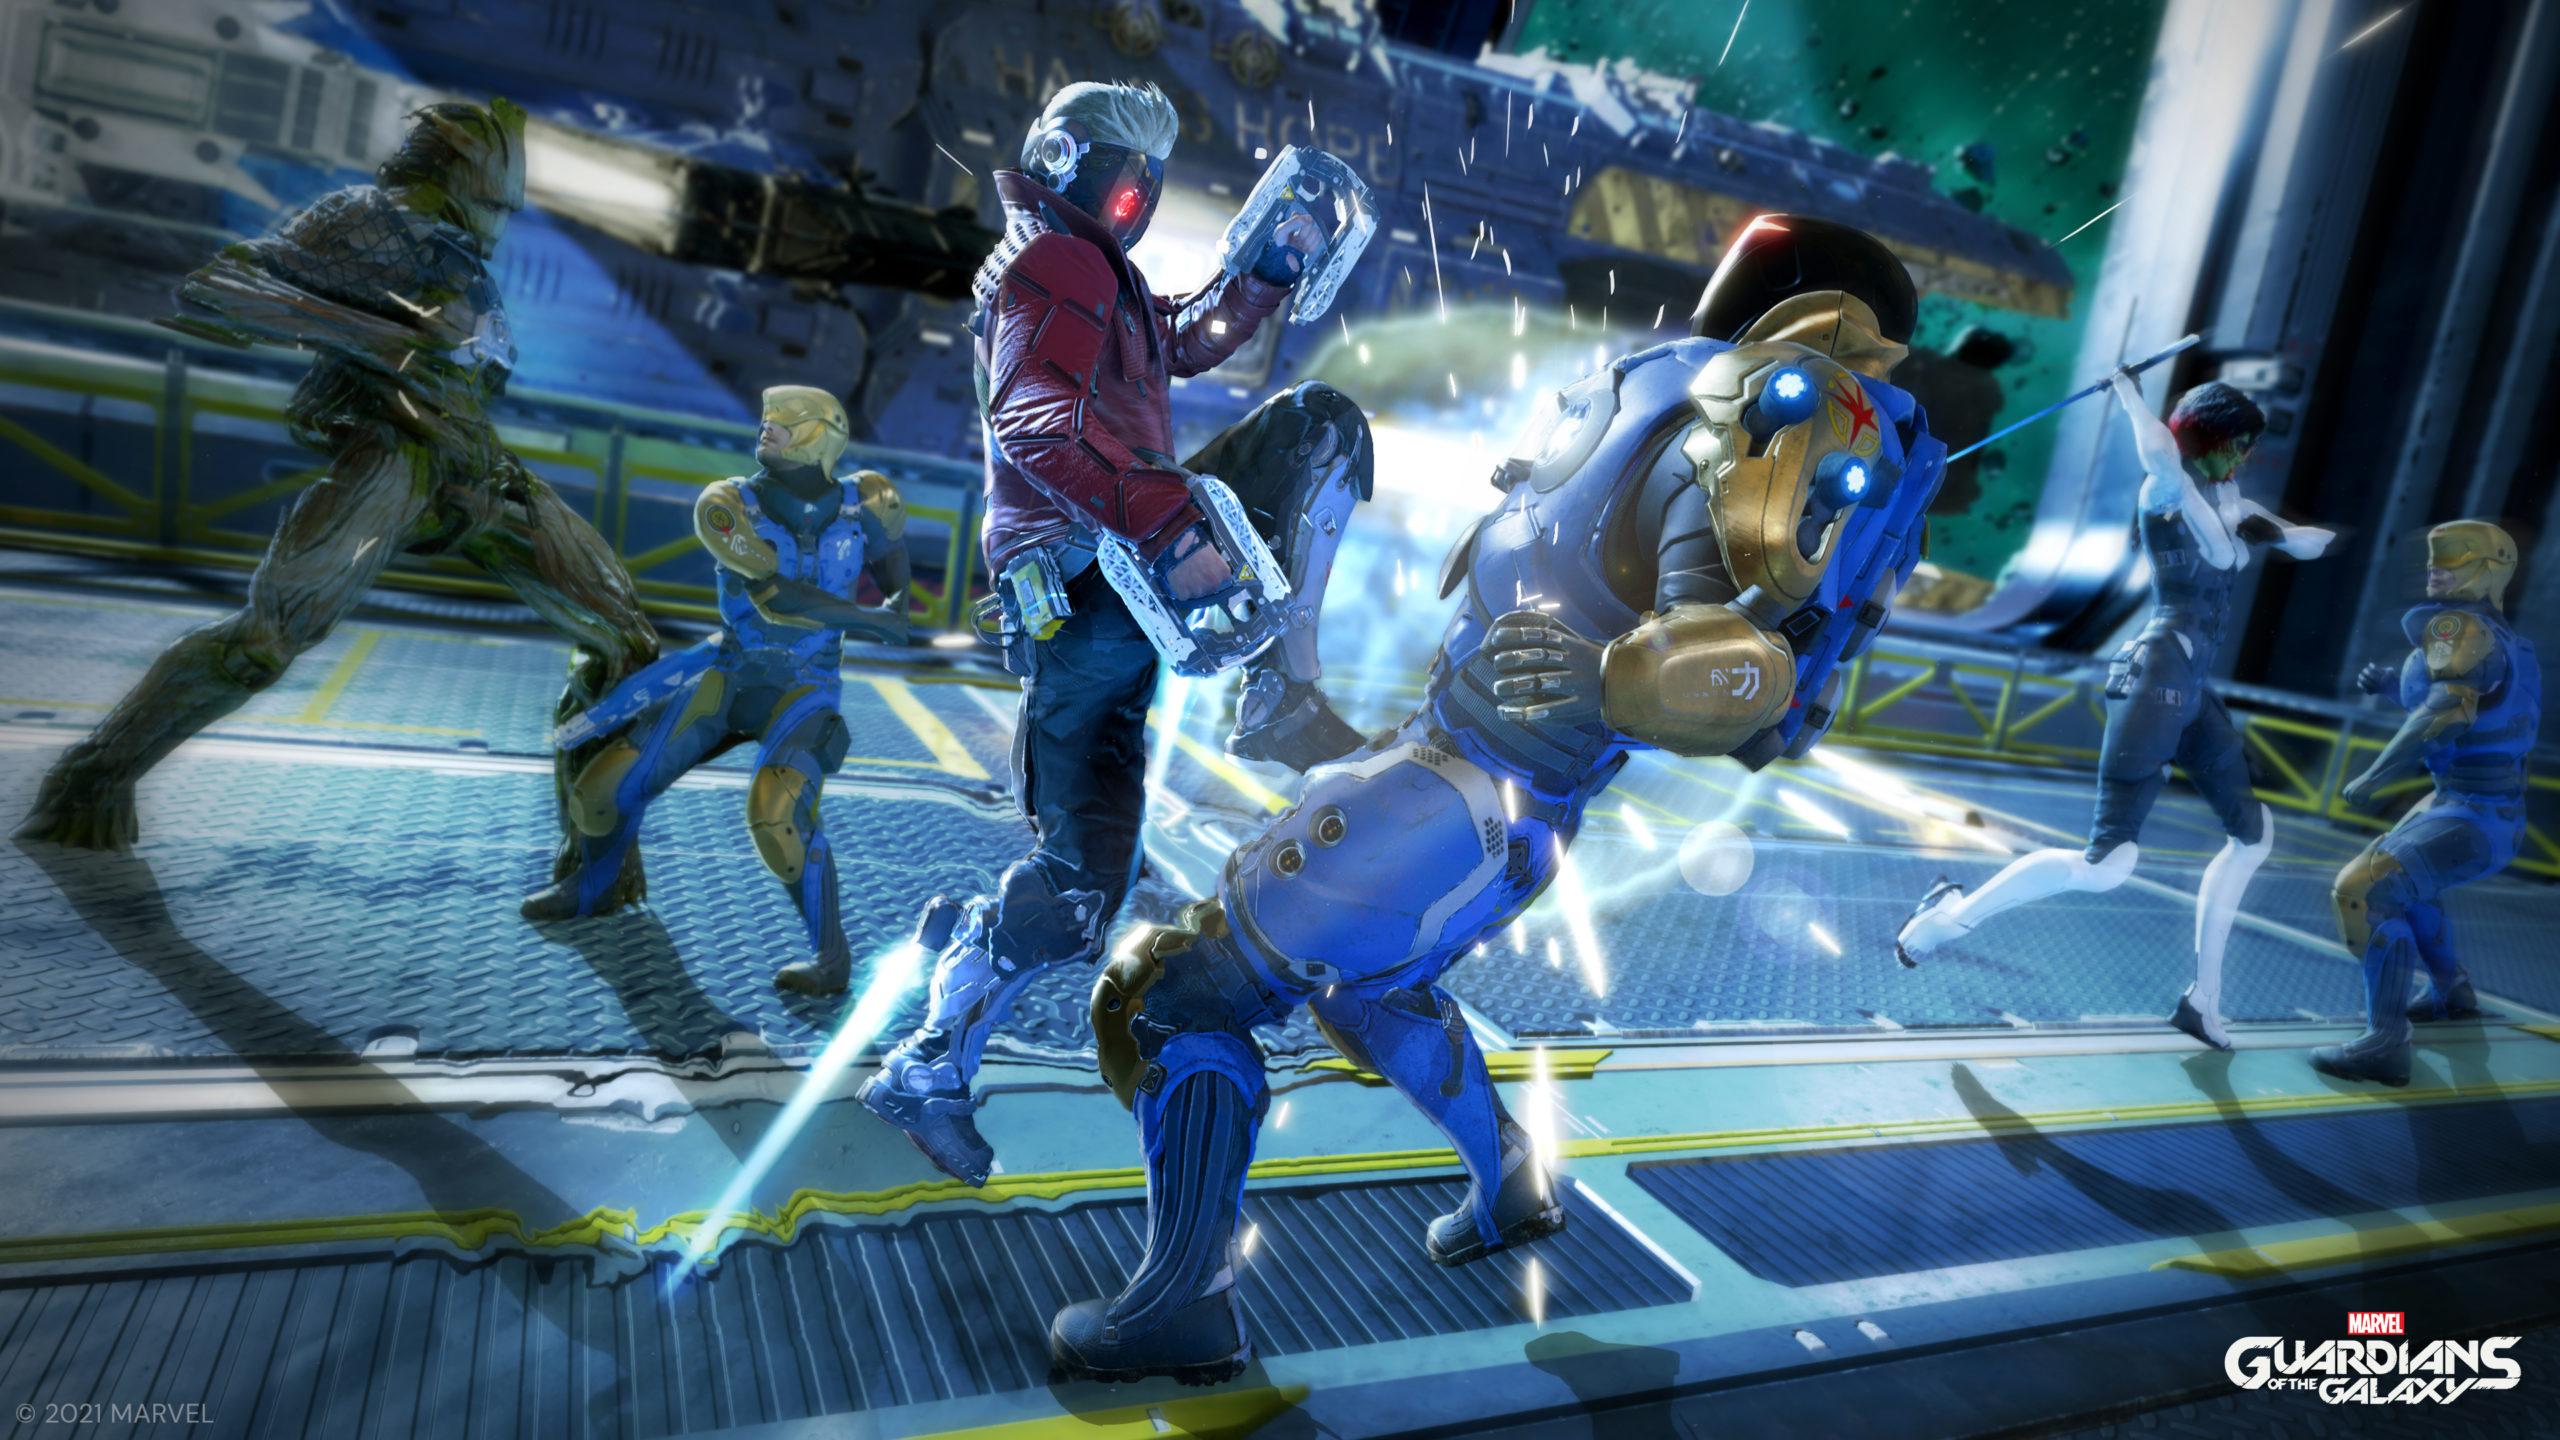 Lorsqu'un des Gardiens effectue une attaque spéciale, c'est un véritable ballet d'action que l'on a droit!